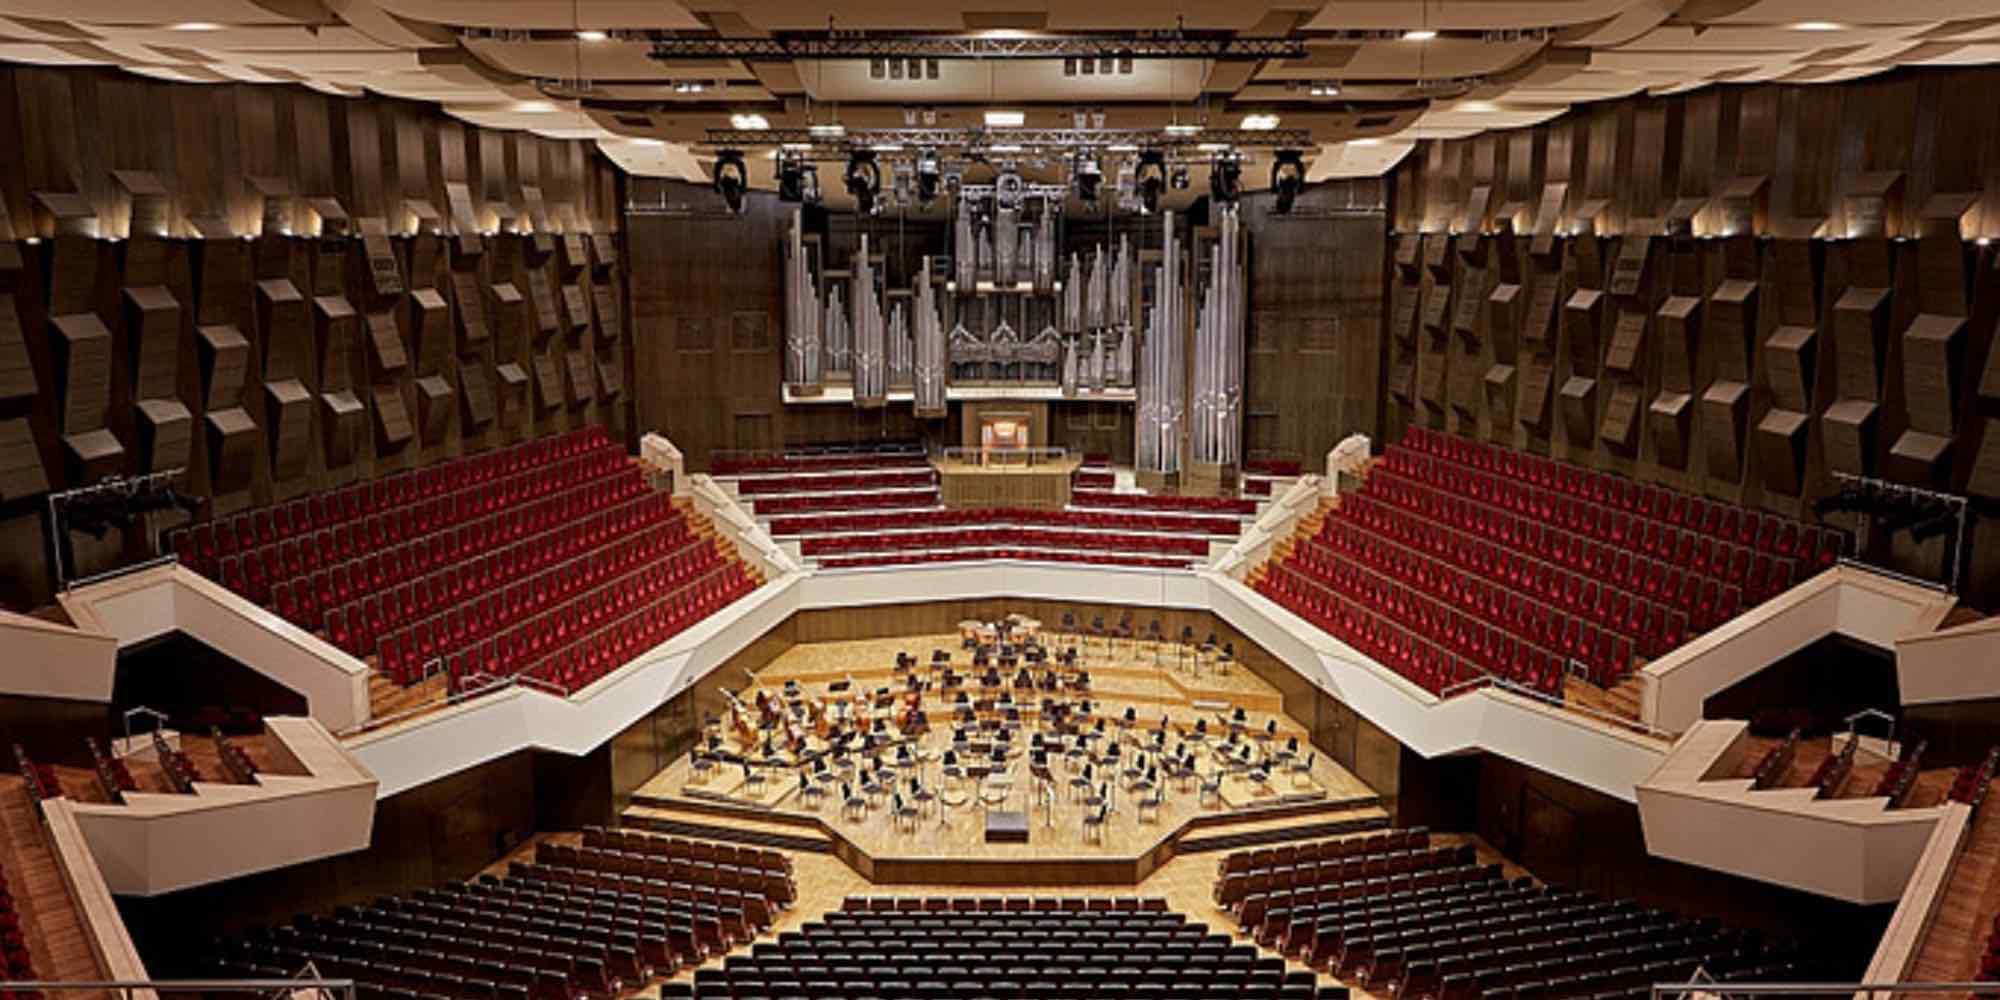 Armel Opera Festival Németország